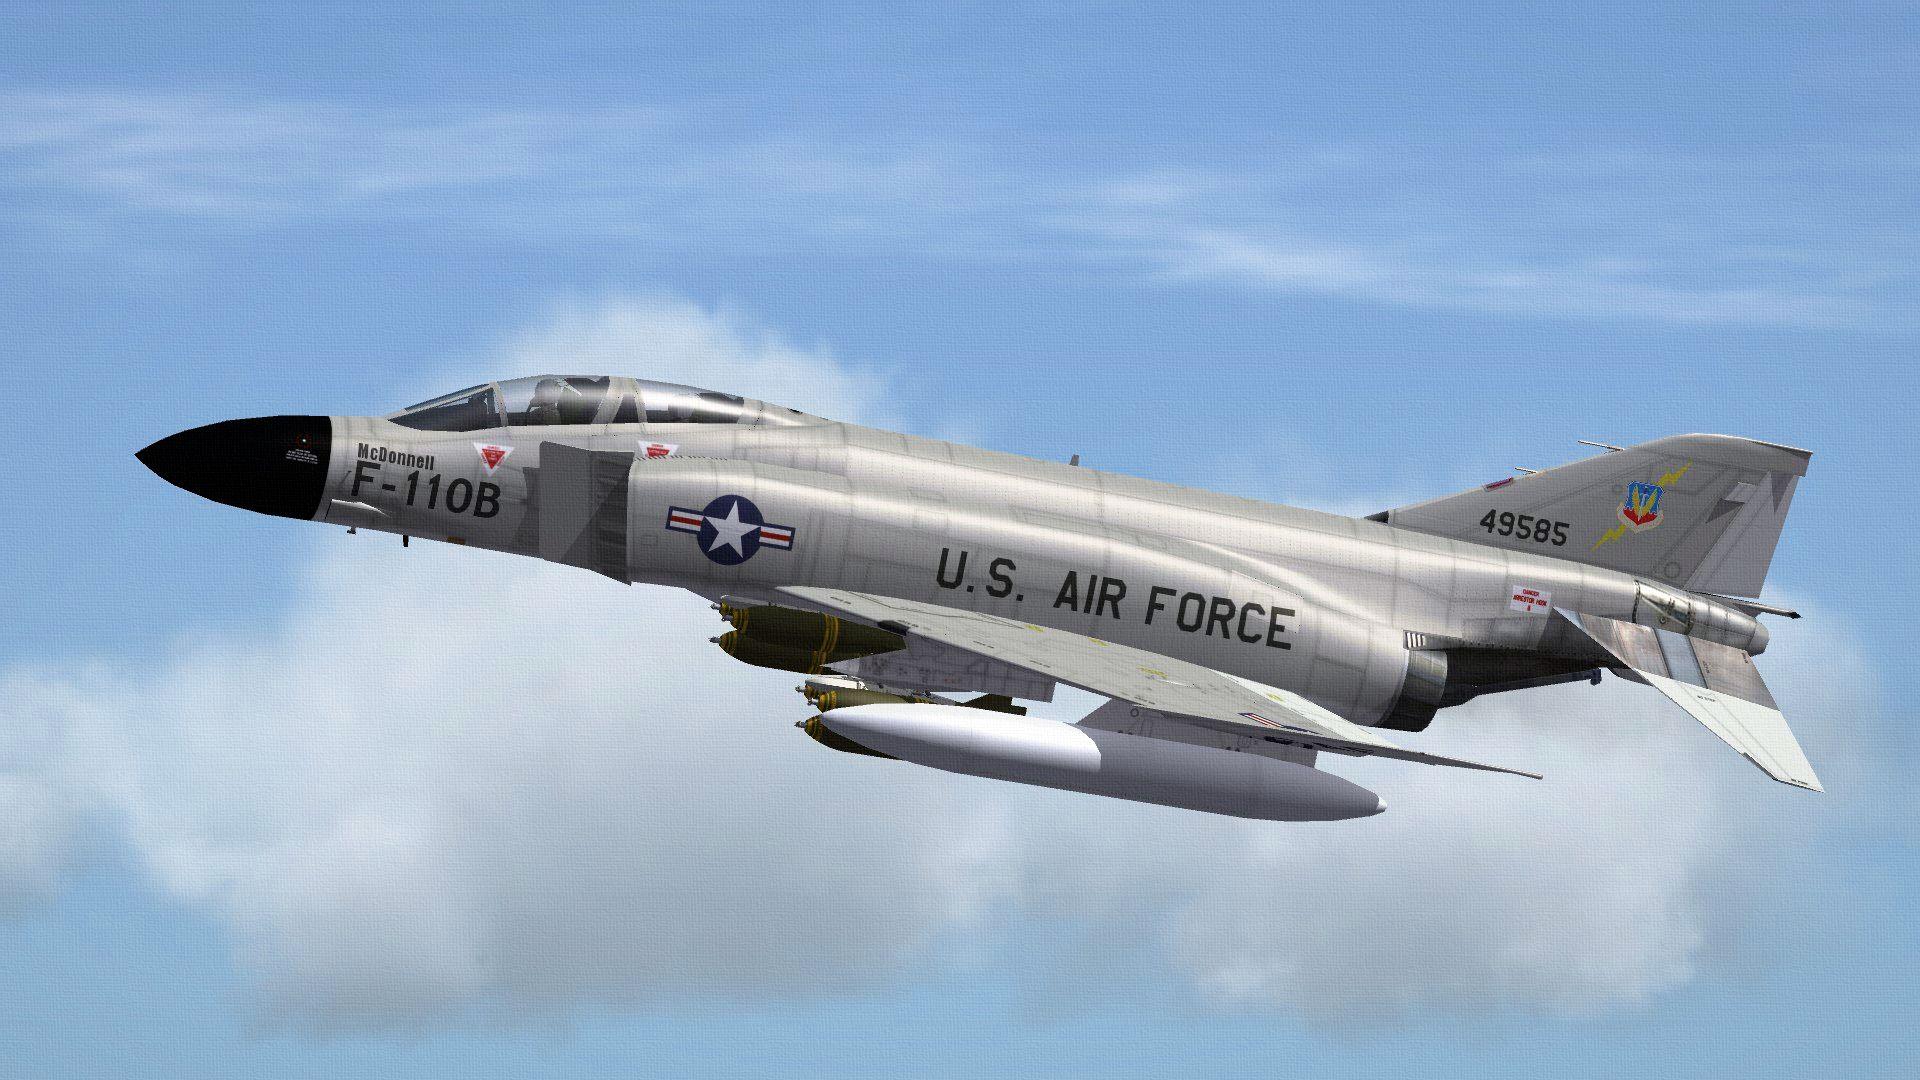 USAFF-110BPHANTOM02_zpse628f20d.jpg